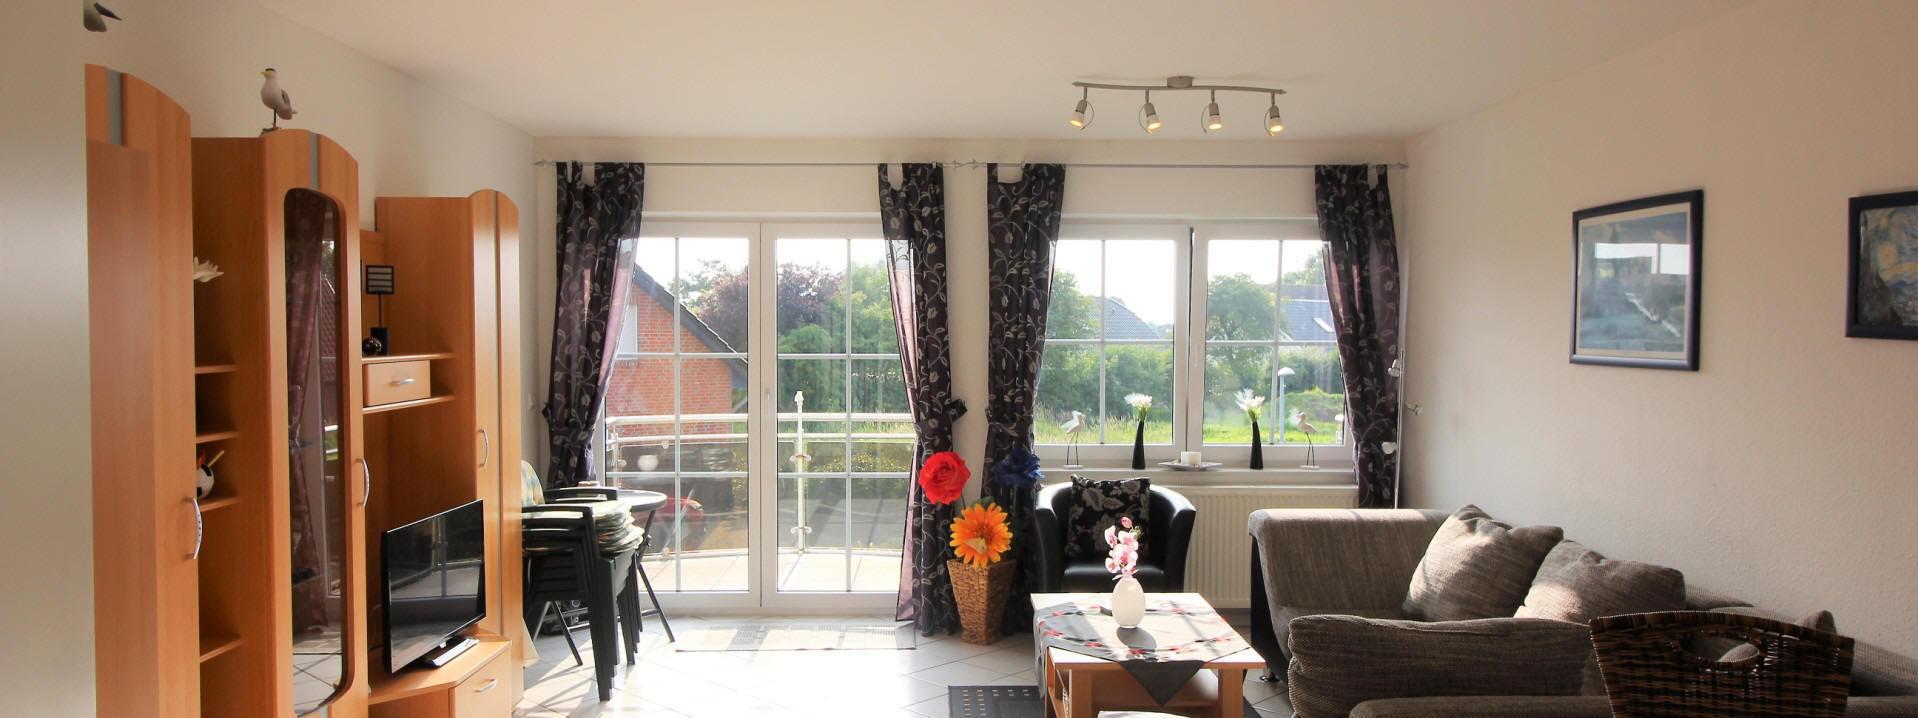 Haus Sonnenstrahl Wohnzimmer im Küstenbadeort Dorum-neufeld